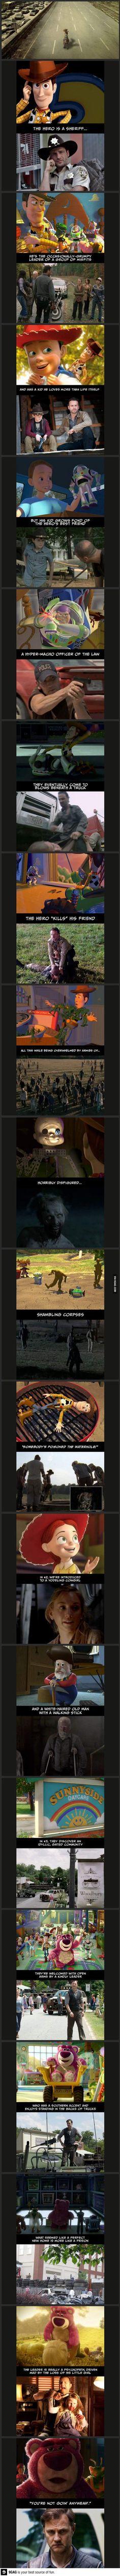 Toy story Vs Walking dead. It is so true!!!!!!!